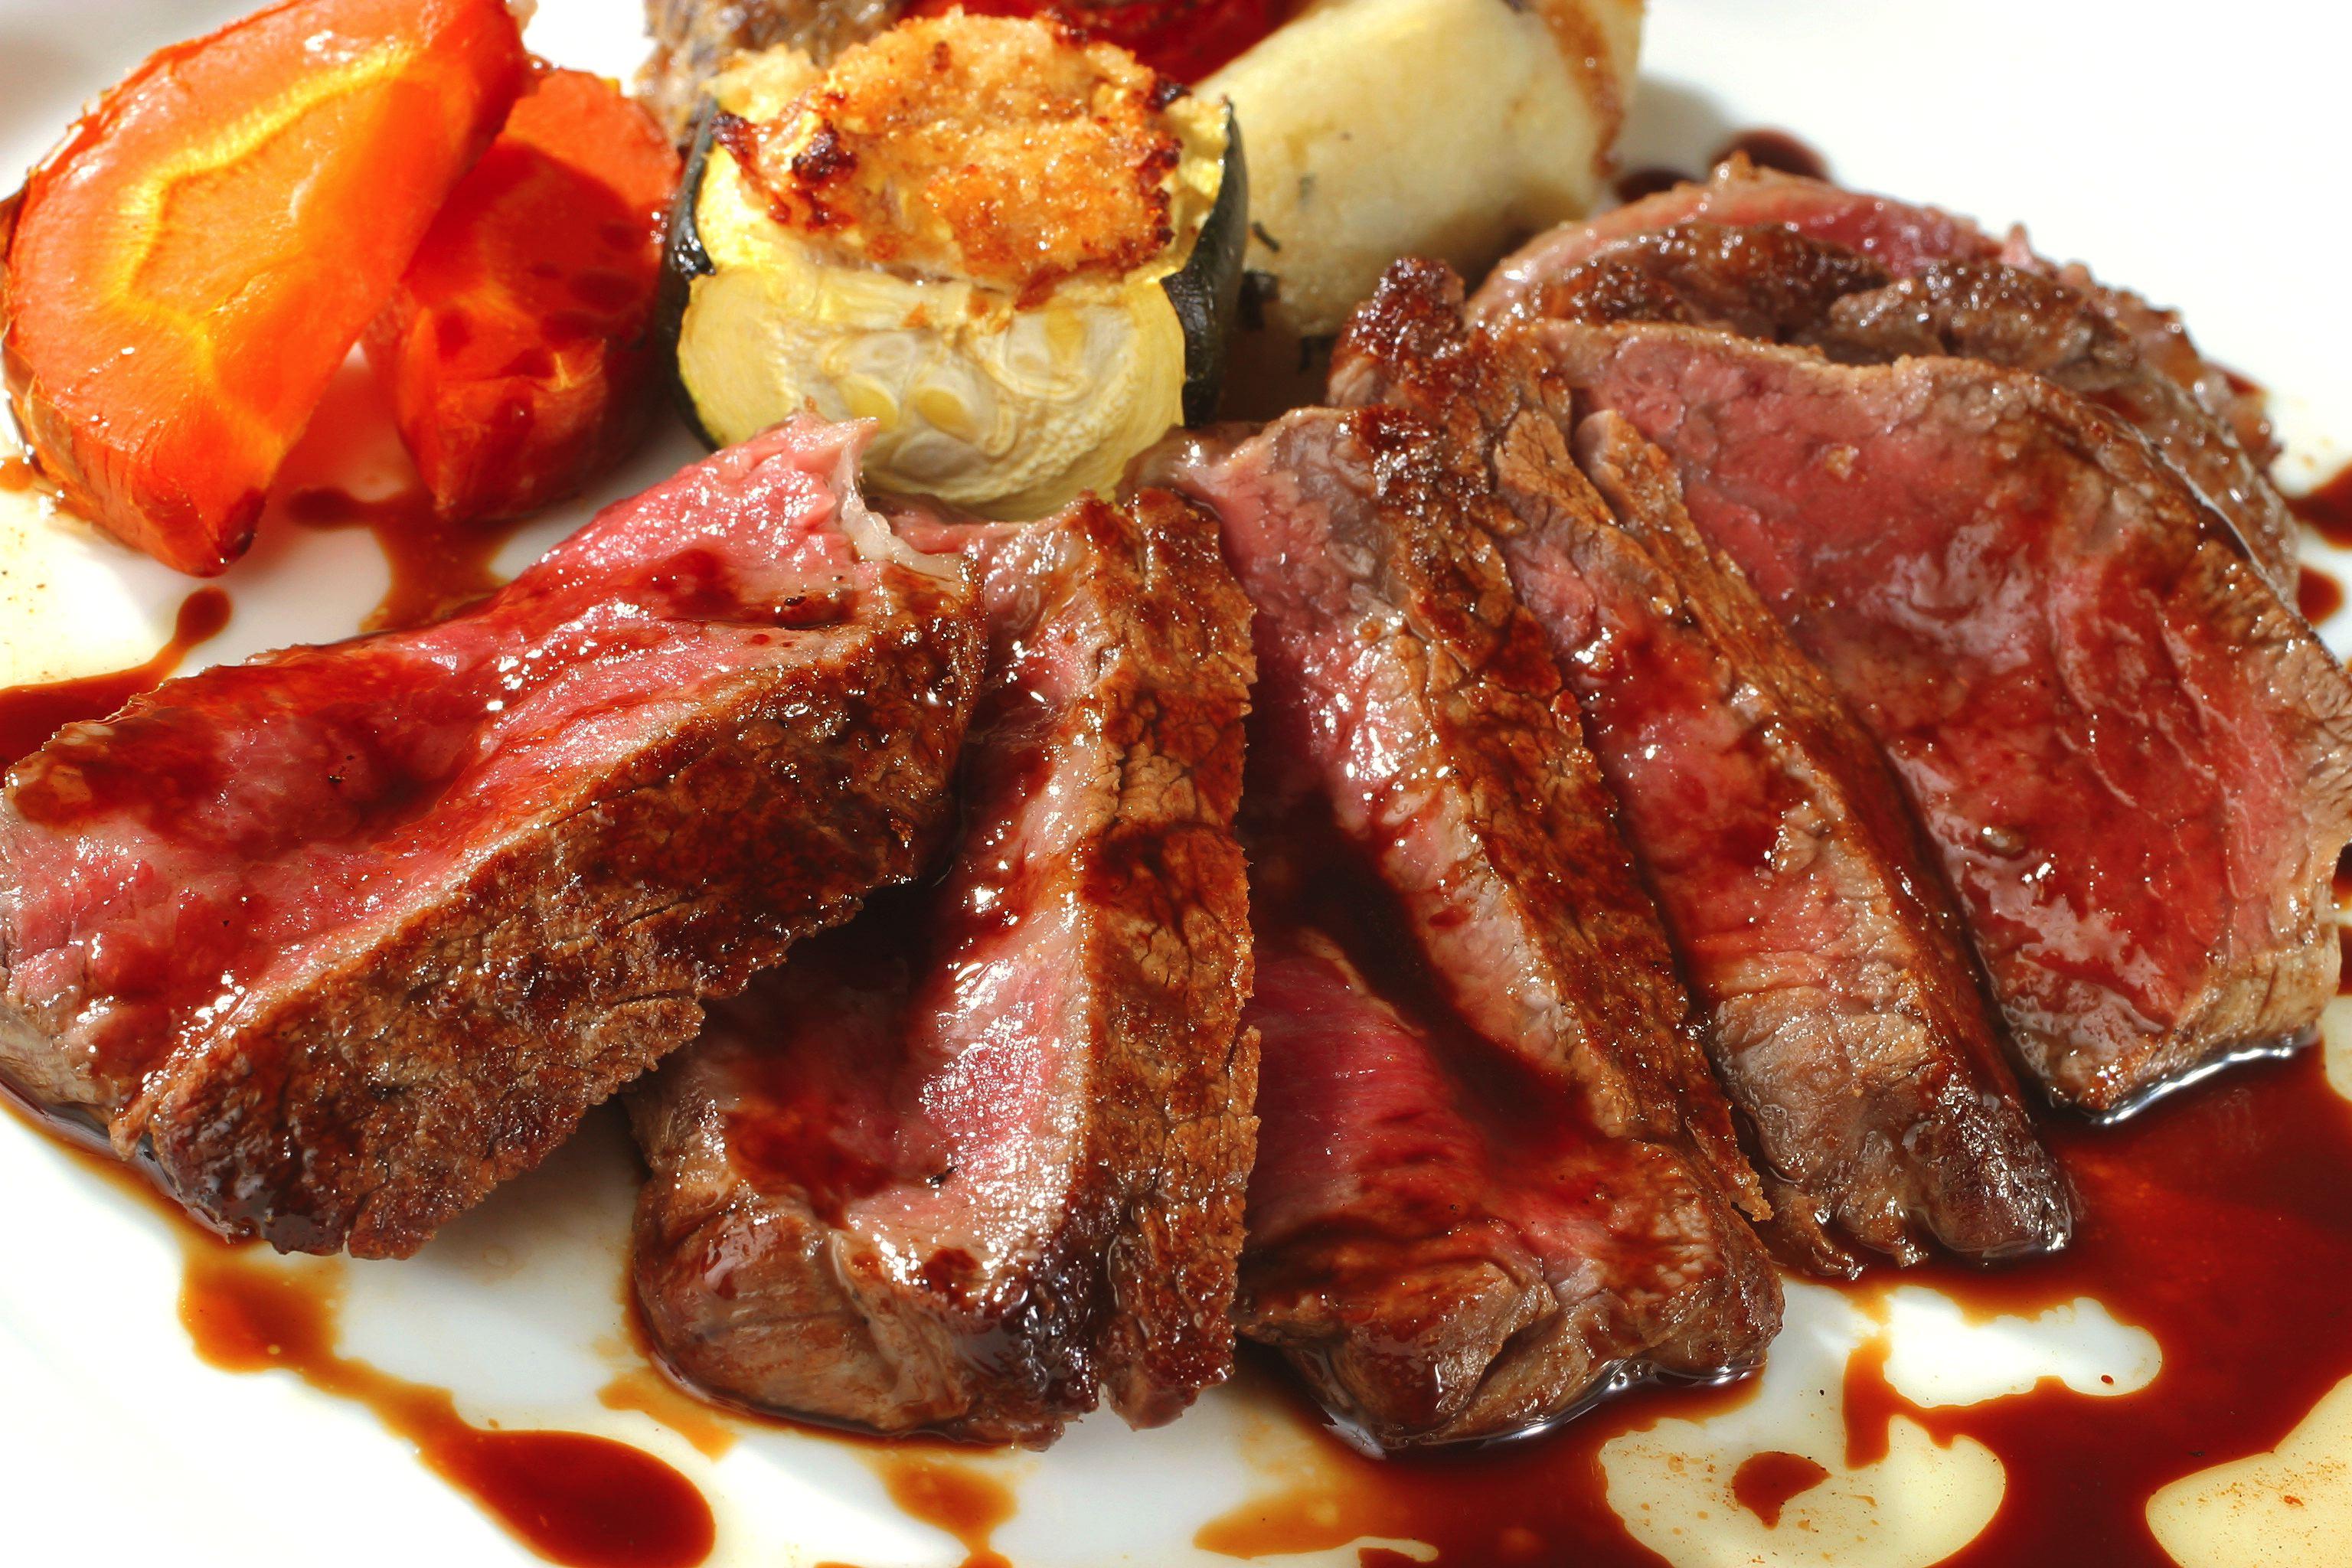 ダイエット中でも怖くない♪肉のヘルシーな食べかた教えます!のサムネイル画像